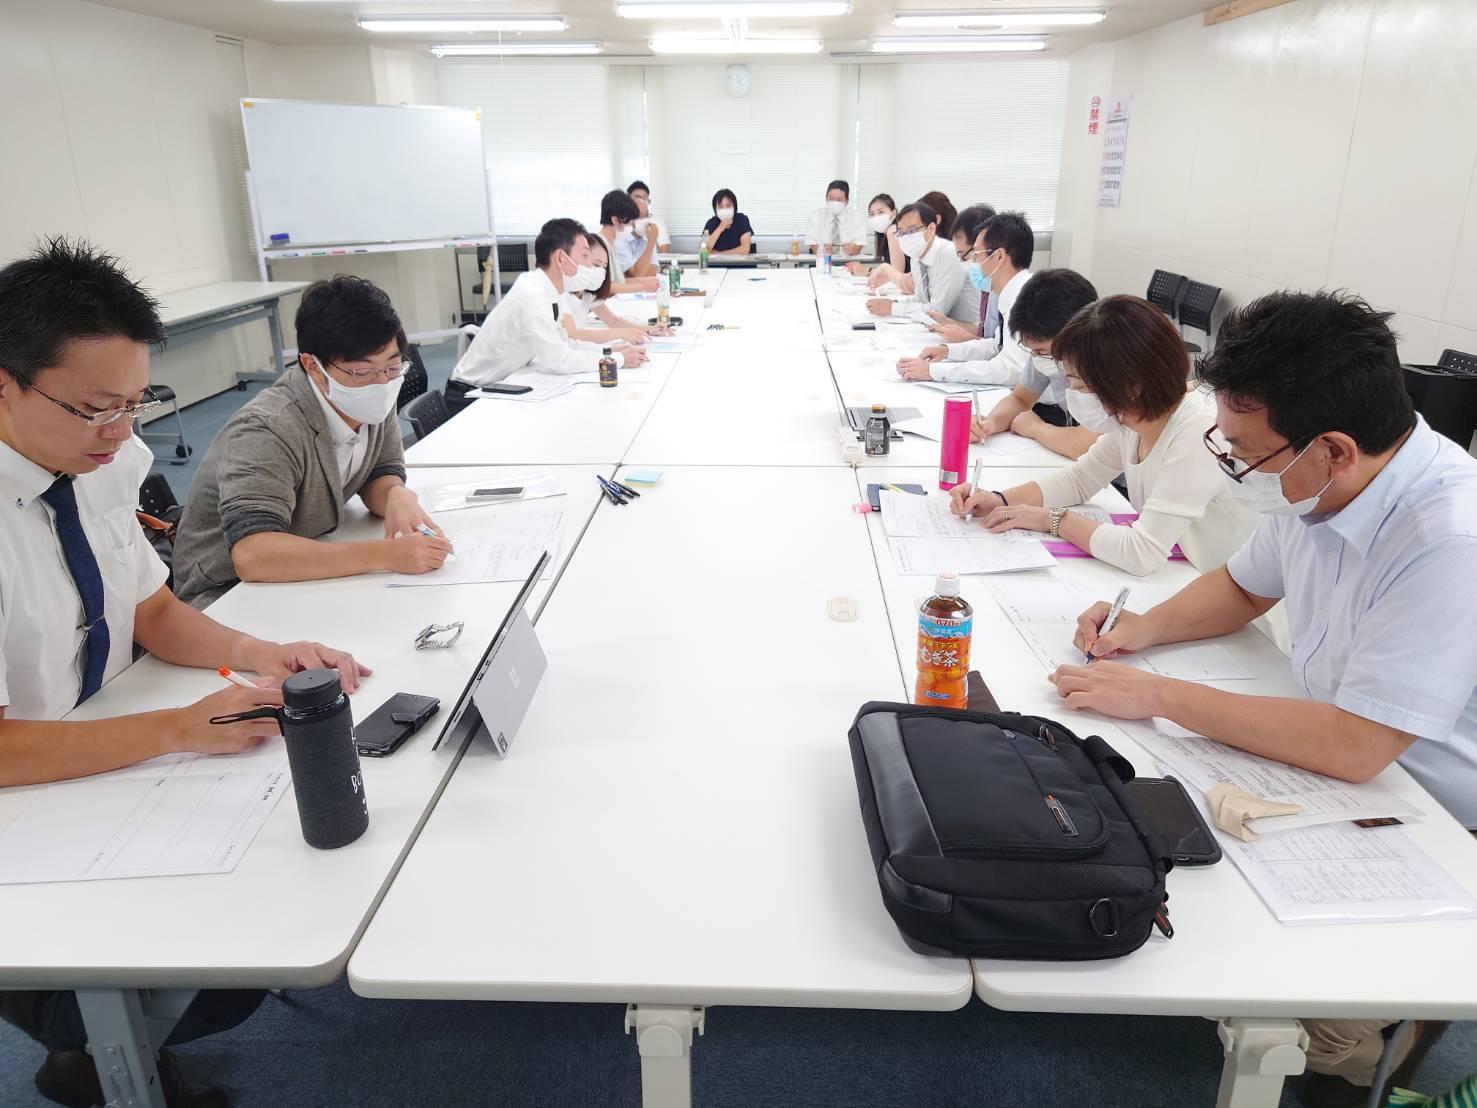 うさぎ薬局薬局⾧研修/管理者研修